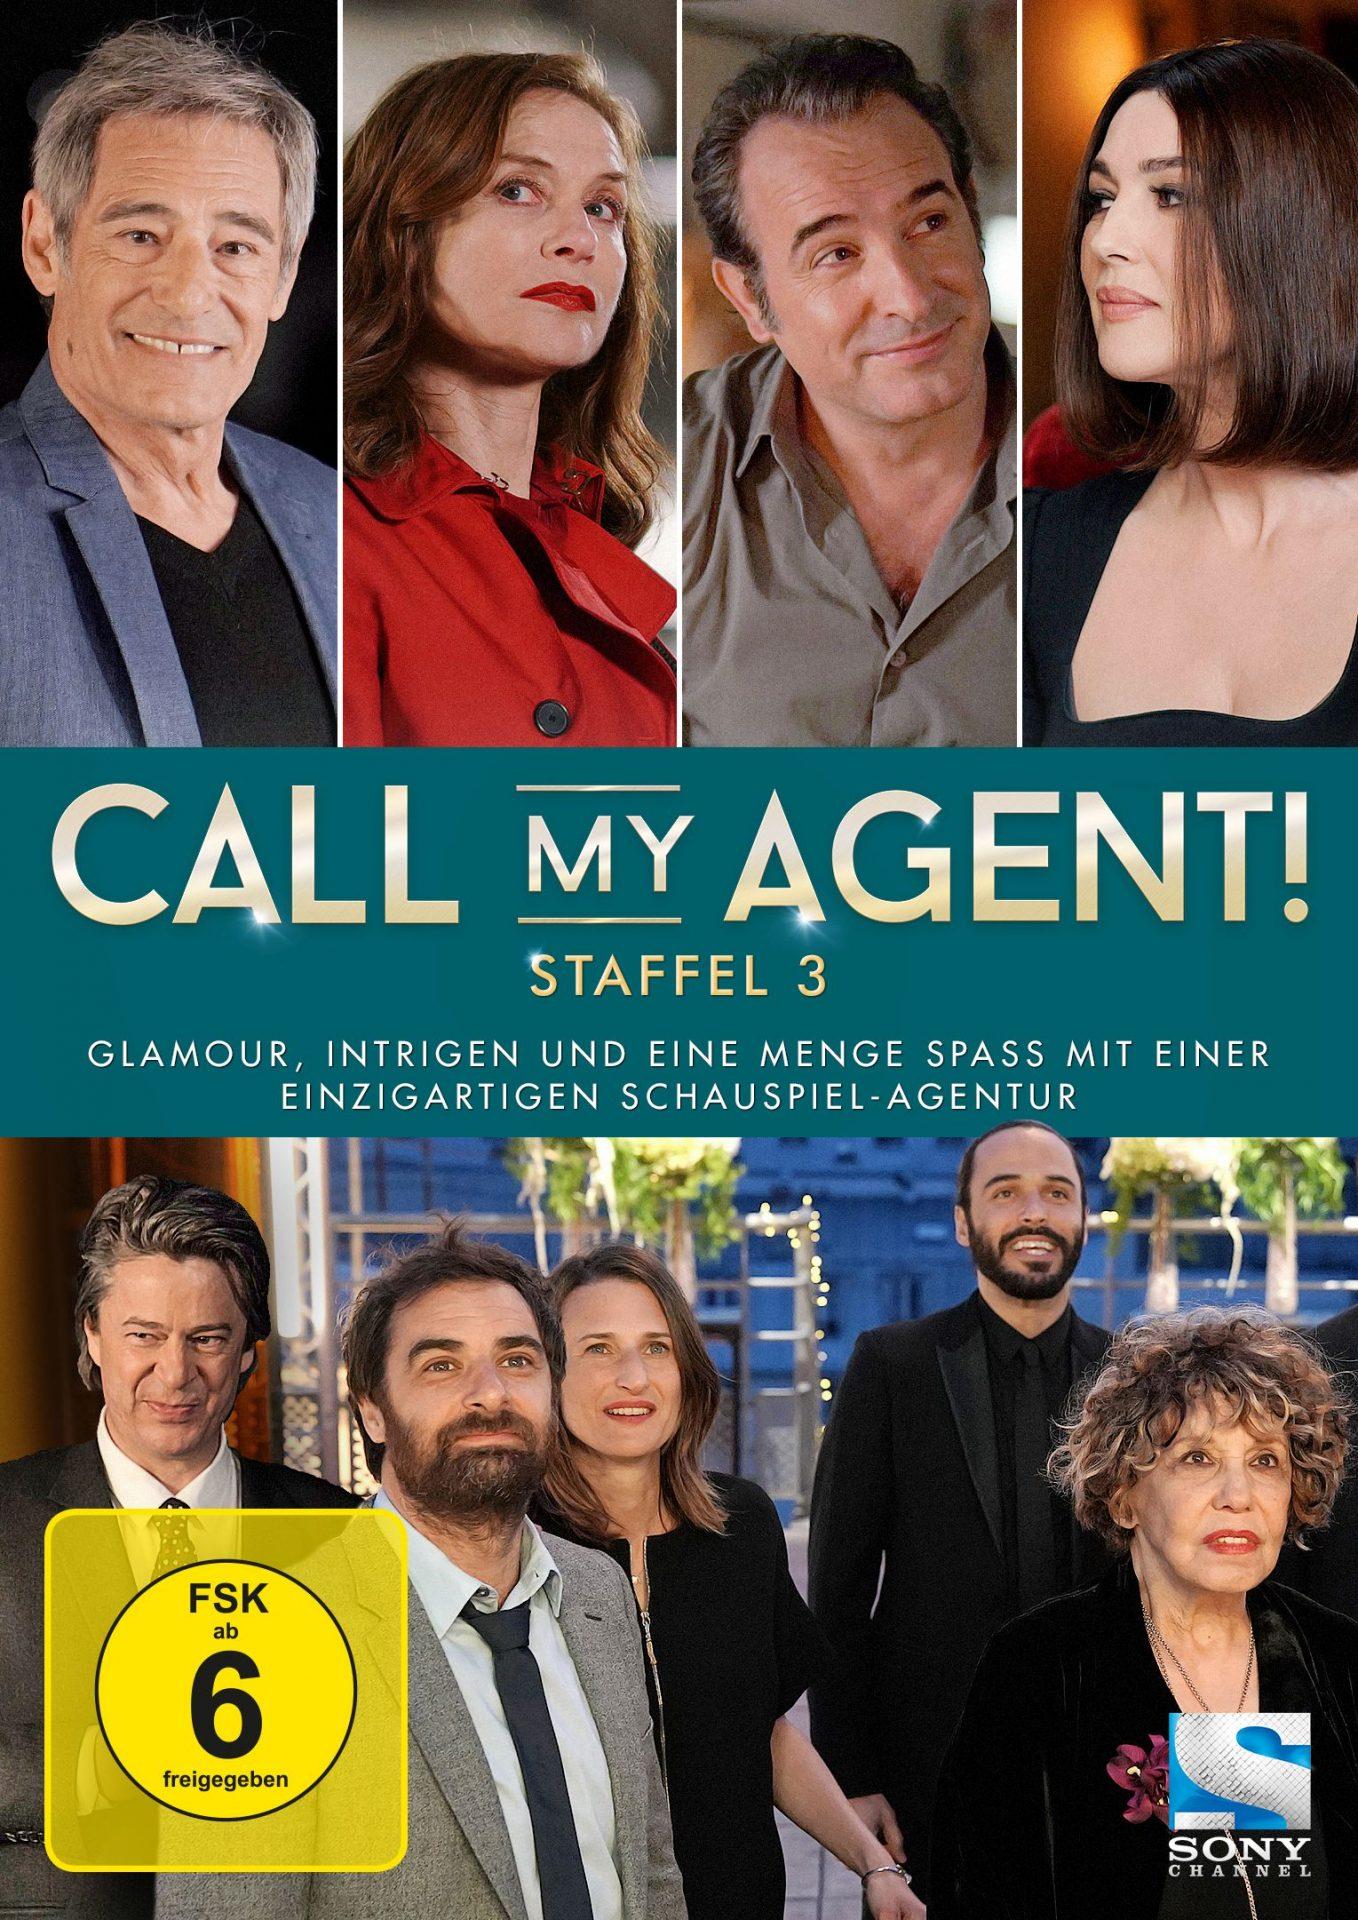 3. Staffel der amüsanten TV-Serie über eine Pariser Künstleragentur: Call My Agent!